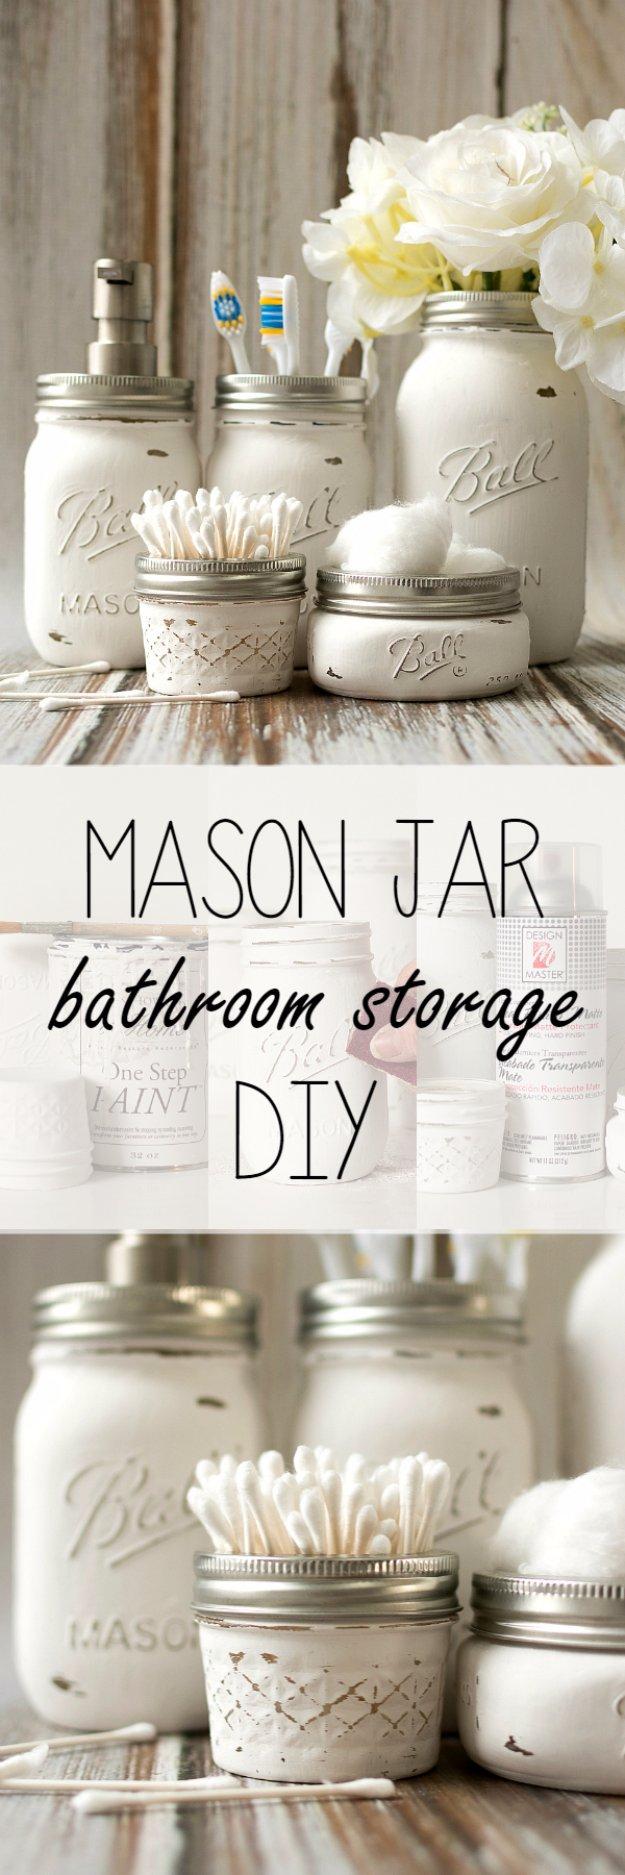 31 DIY Decor Ideas for the Bathroom